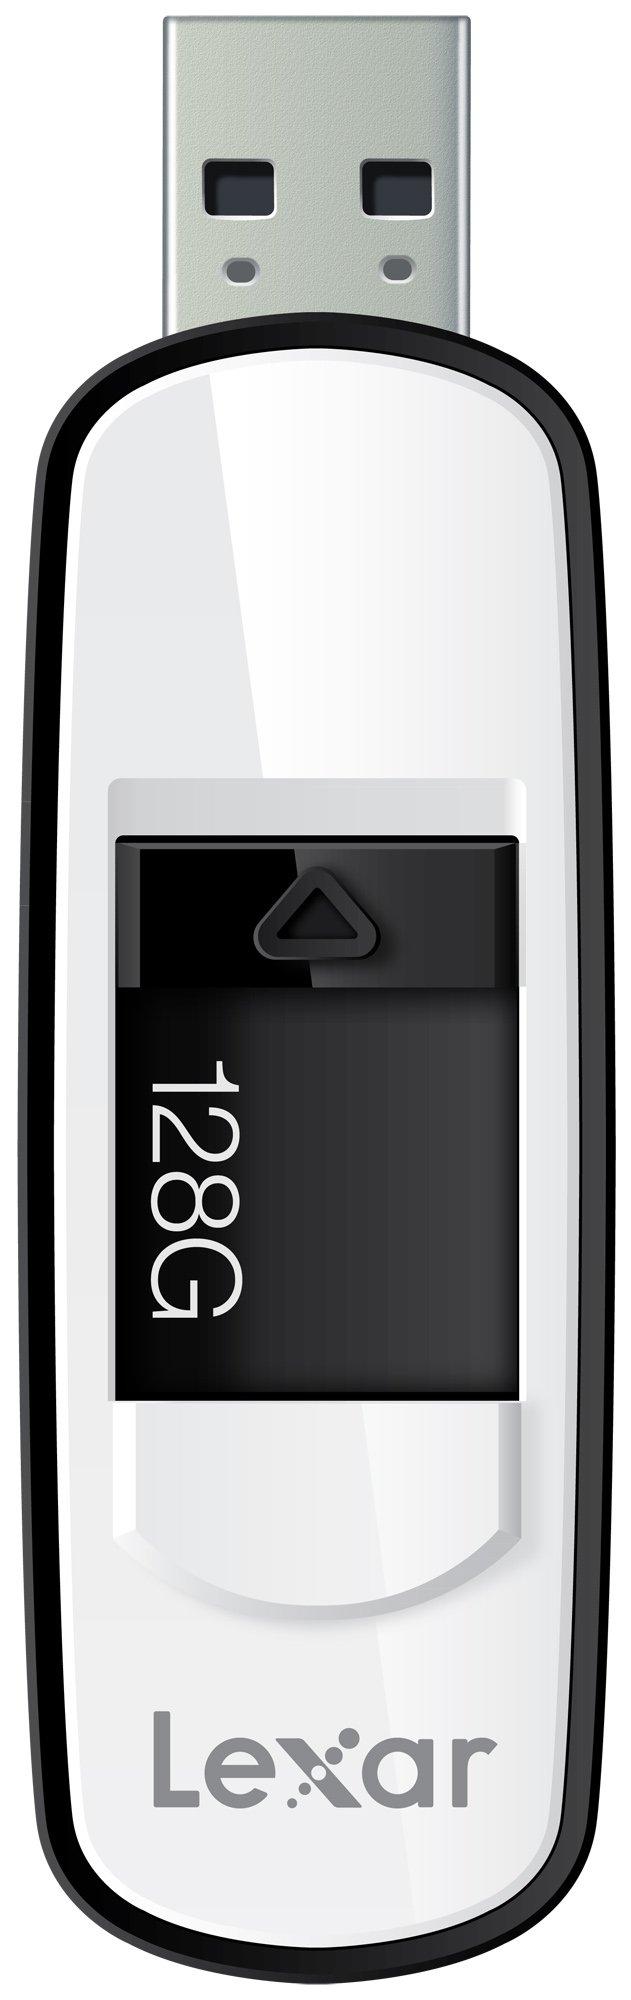 Lexar JumpDrive S75 128GB USB 3.0 Flash Drive - LJDS75-128ABNL (Black)